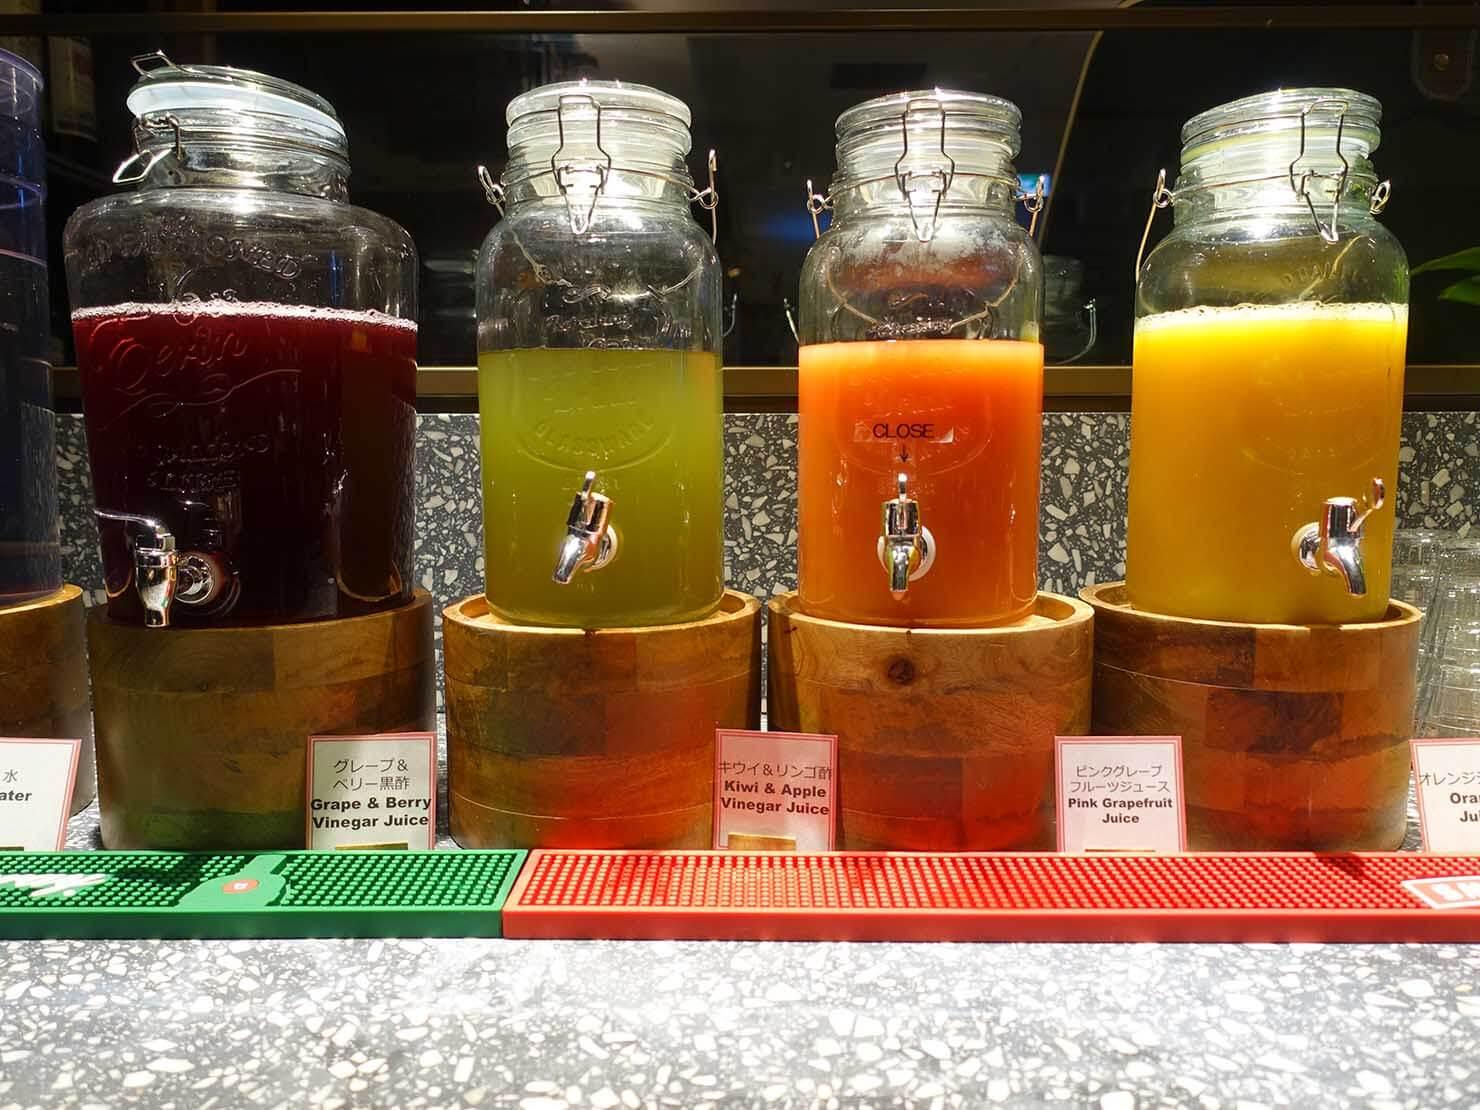 福岡・中洲川端にあるおしゃれなおすすめホテル「THE LIVELY」のレストラン・THE LIVELY KITCHENのジュース